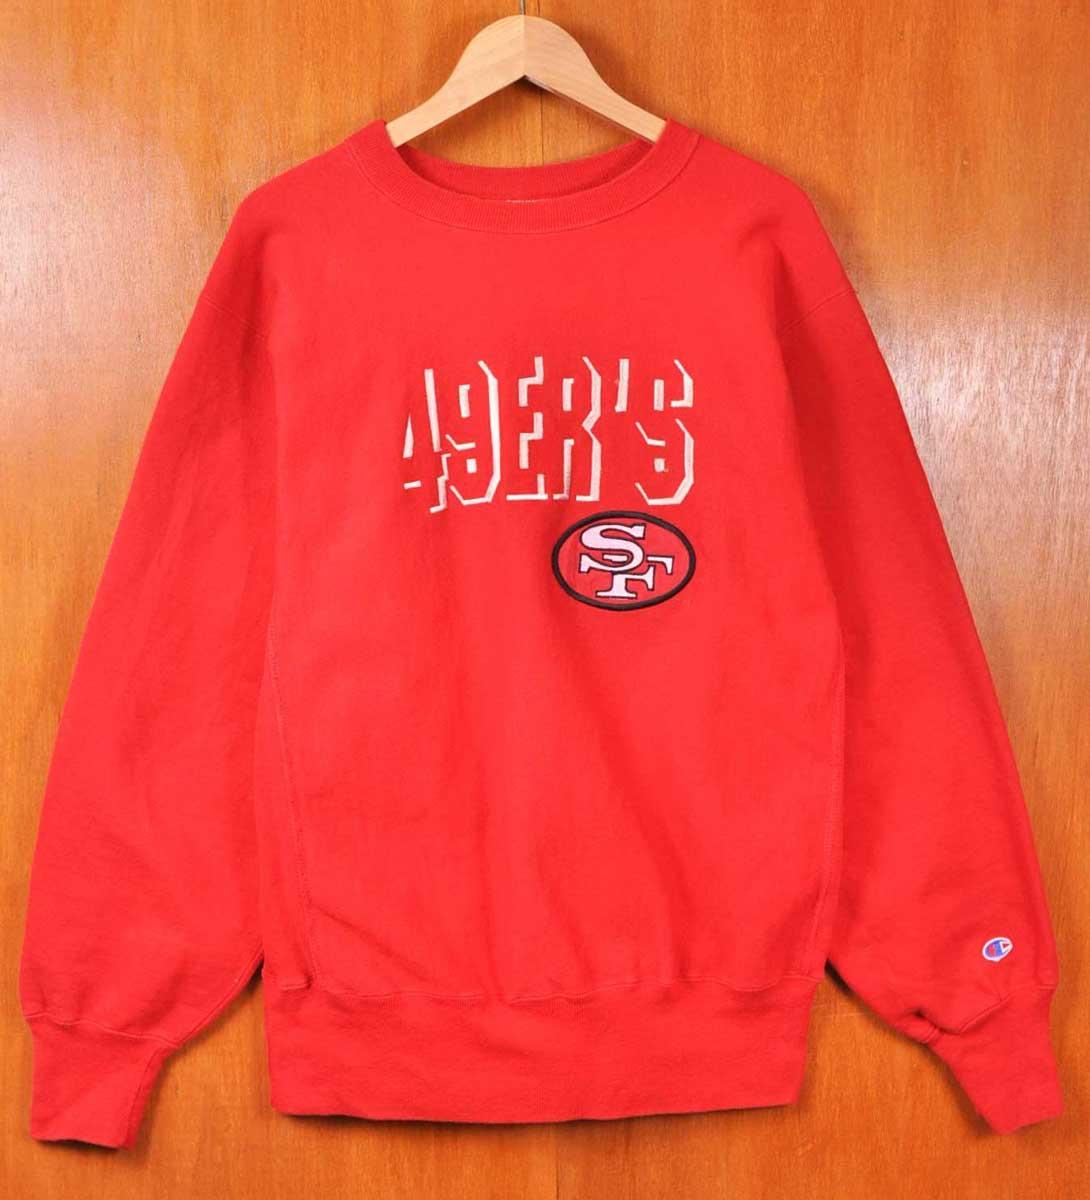 ヴィンテージ 1990年代 USA製 / Champion チャンピオン / NFL SAN FRANCISCO 49ers サンフランシスコ フォーティーナイナーズ / リバースィーブ スウェット / レッド / メンズL【中古】▽